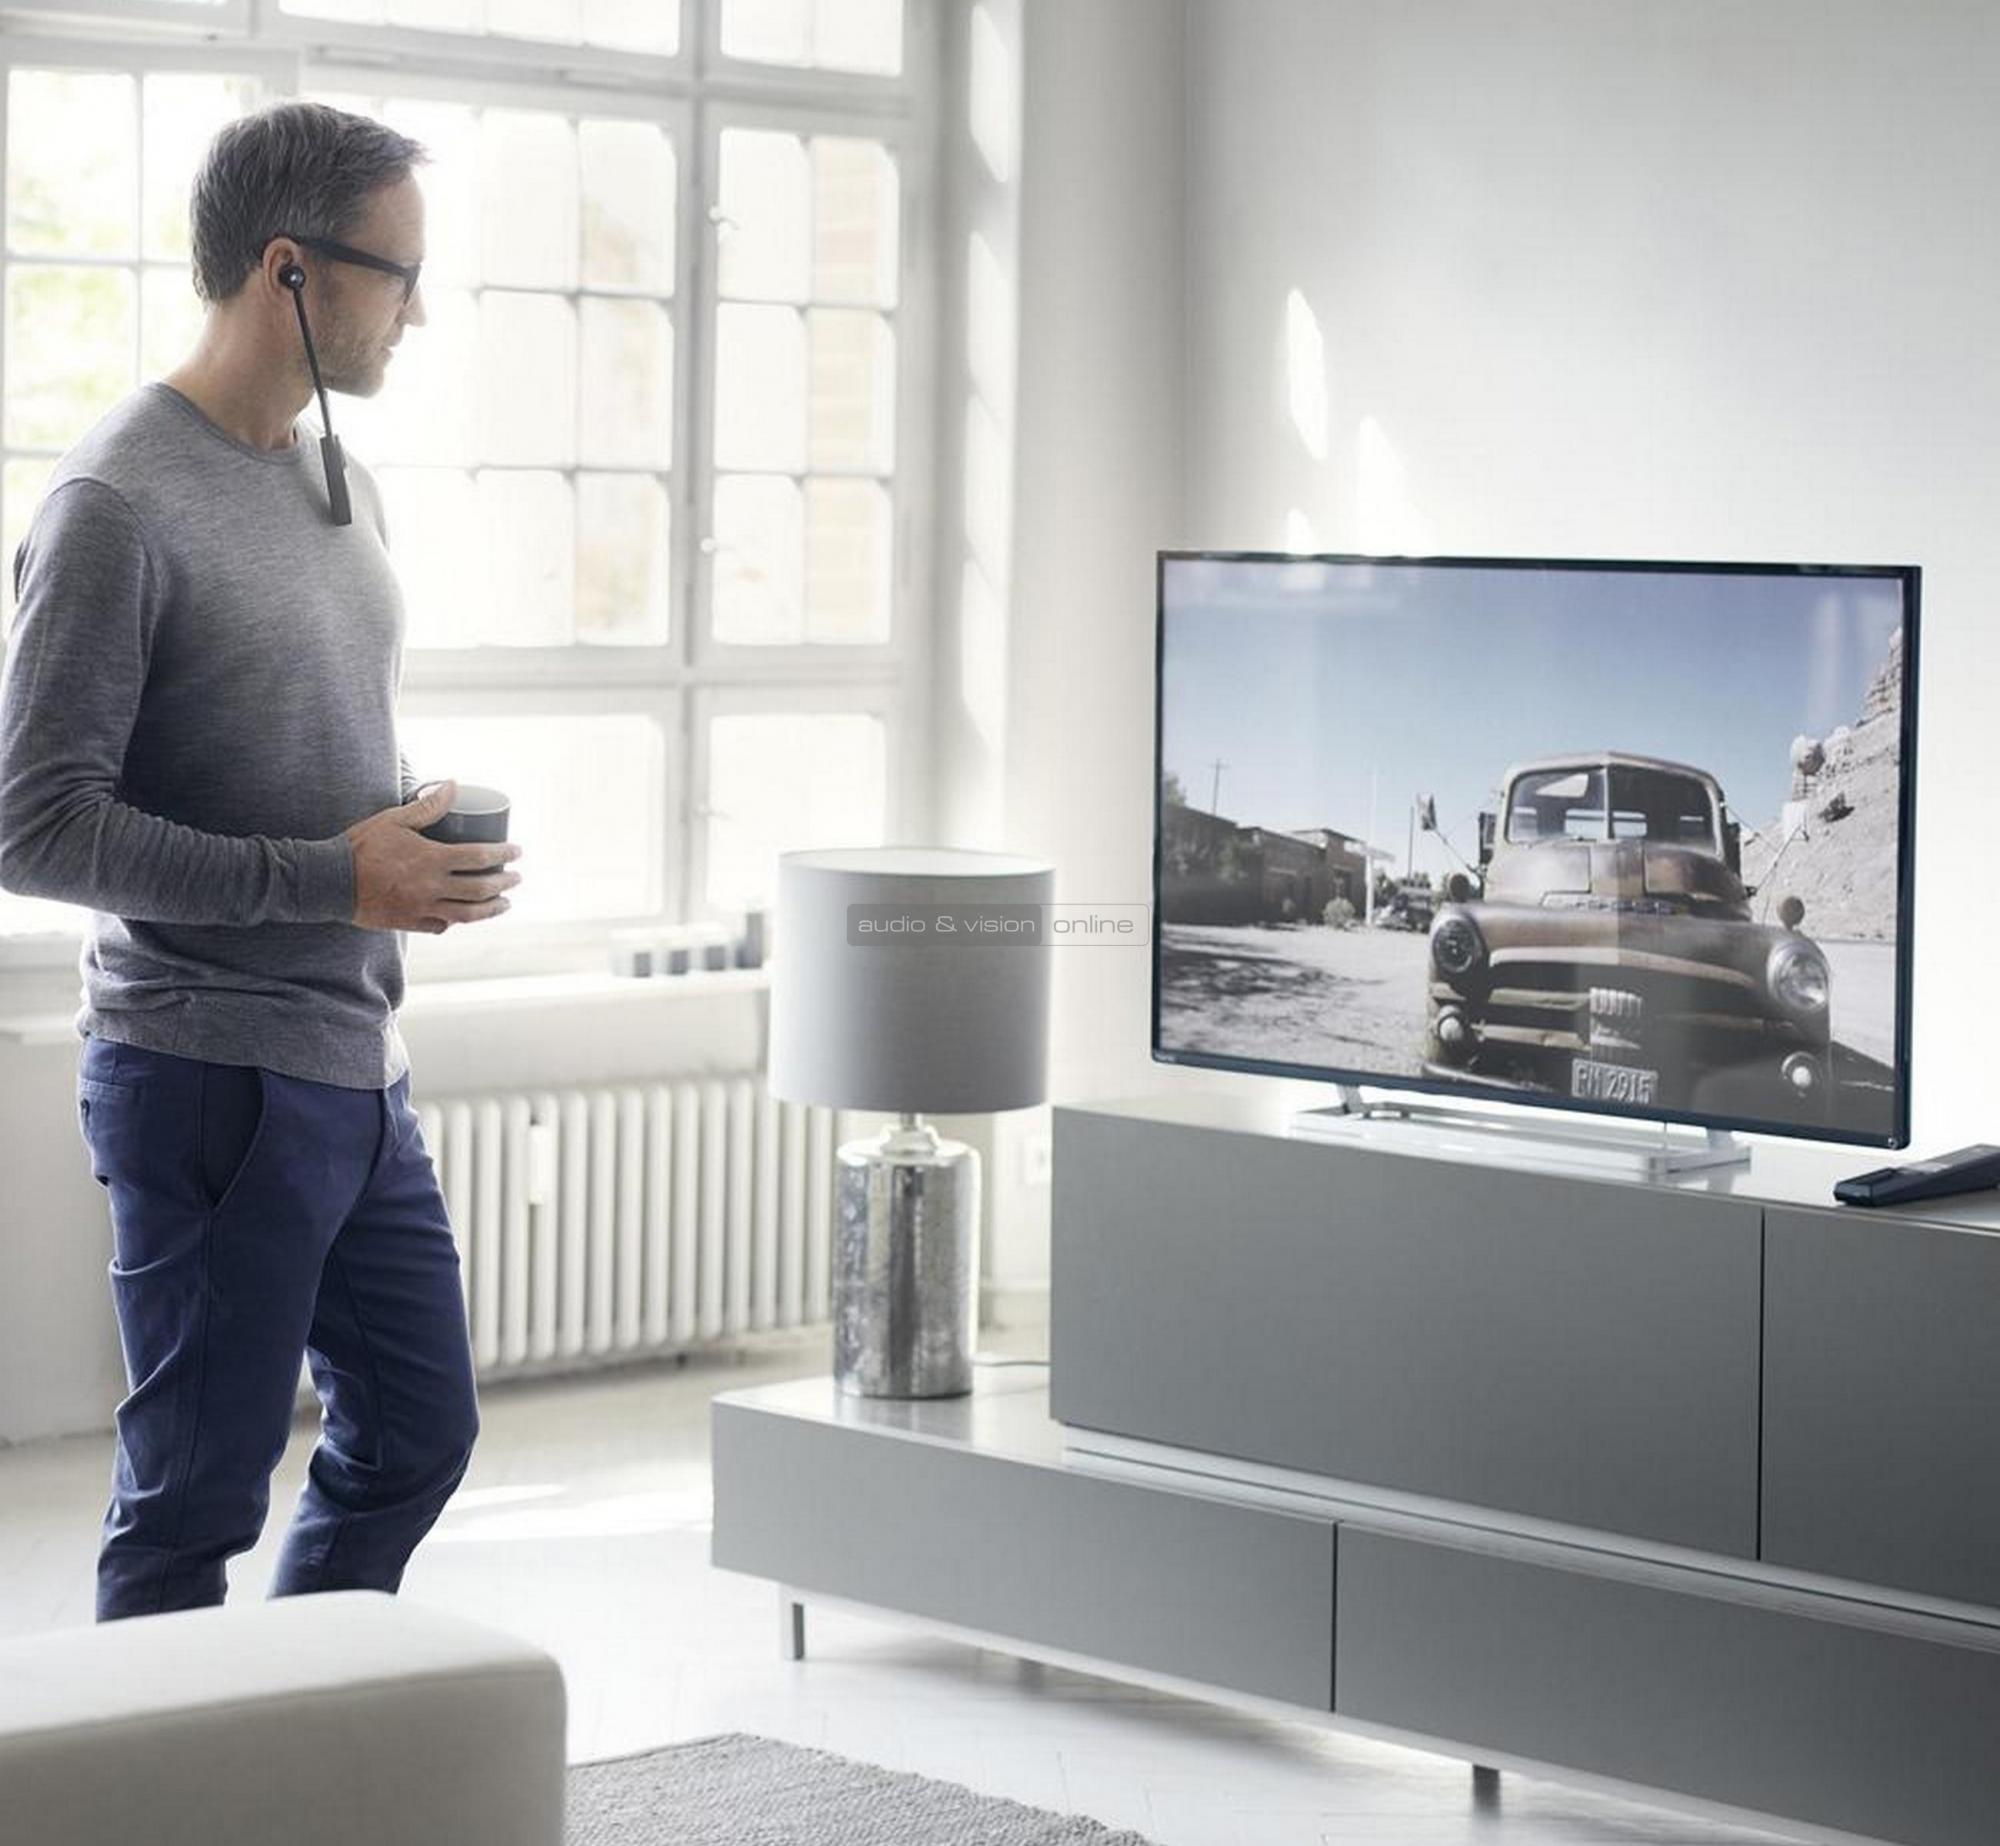 Sennheiser vezeték nélküli TV fülhallgatók tesztje  0b1f6ab043